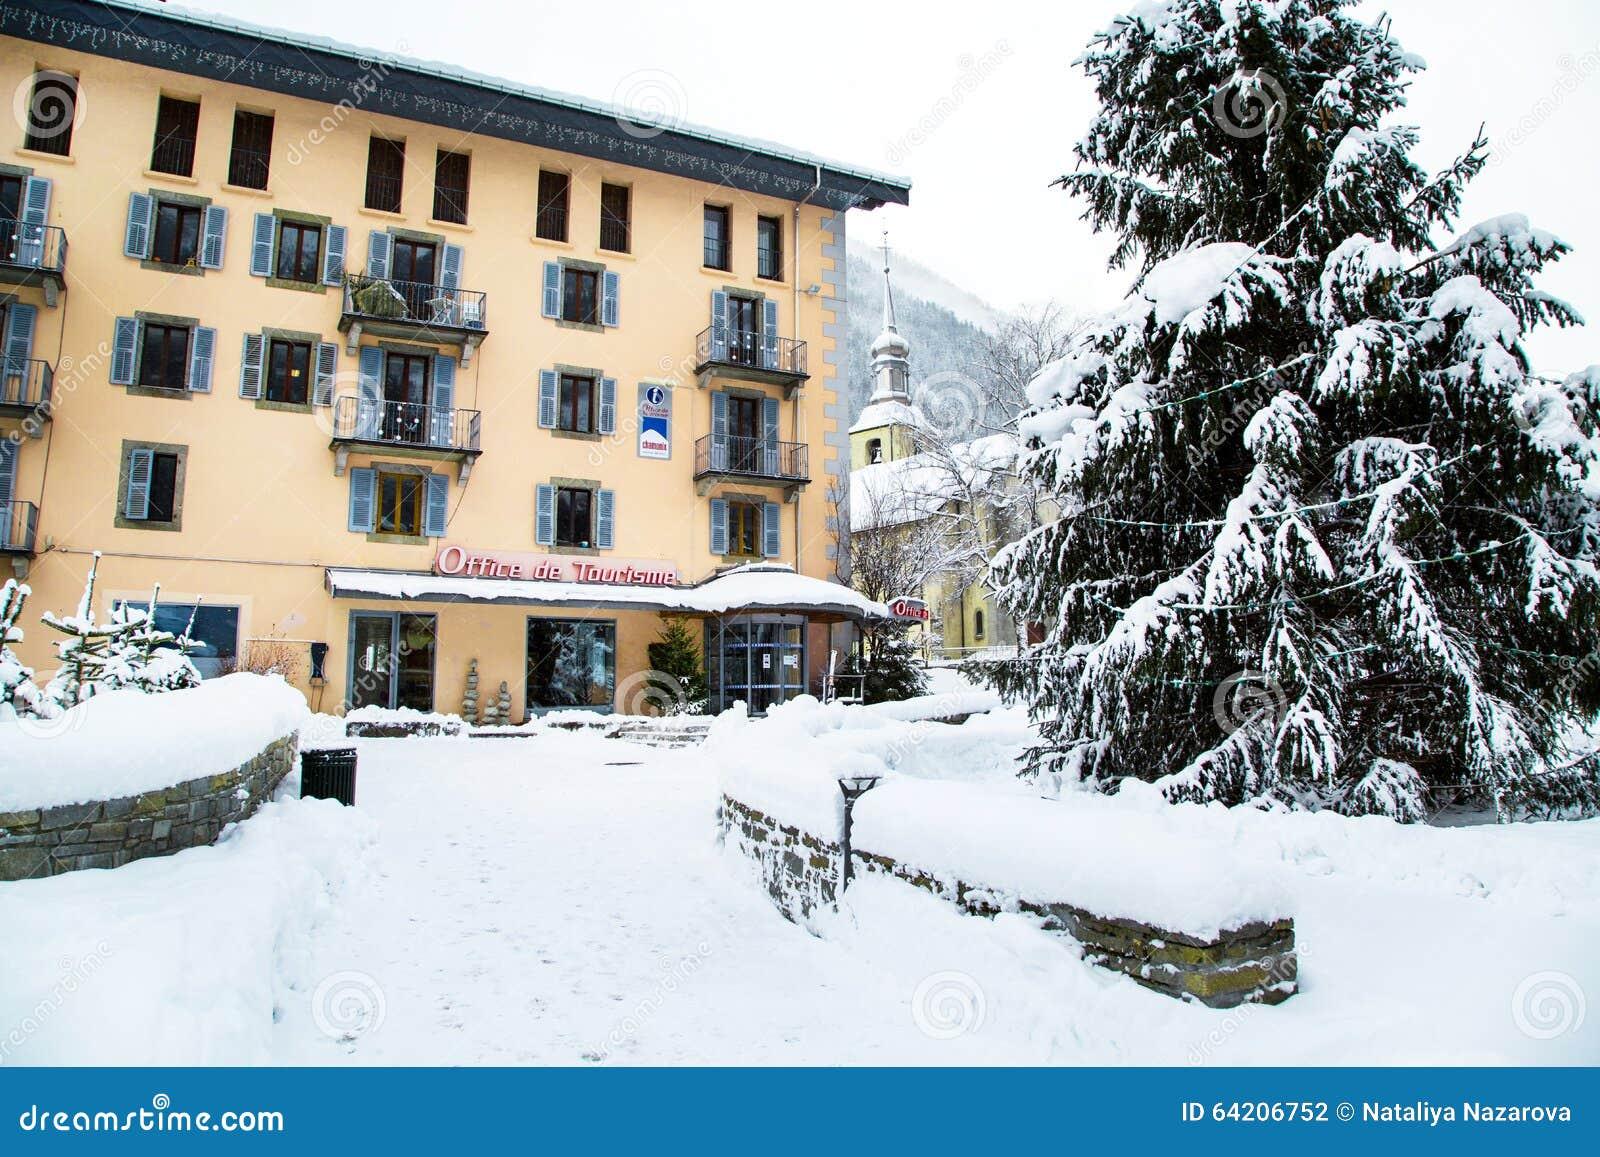 Opinión de la oficina de turismo y de la iglesia en Chamonix, Francia